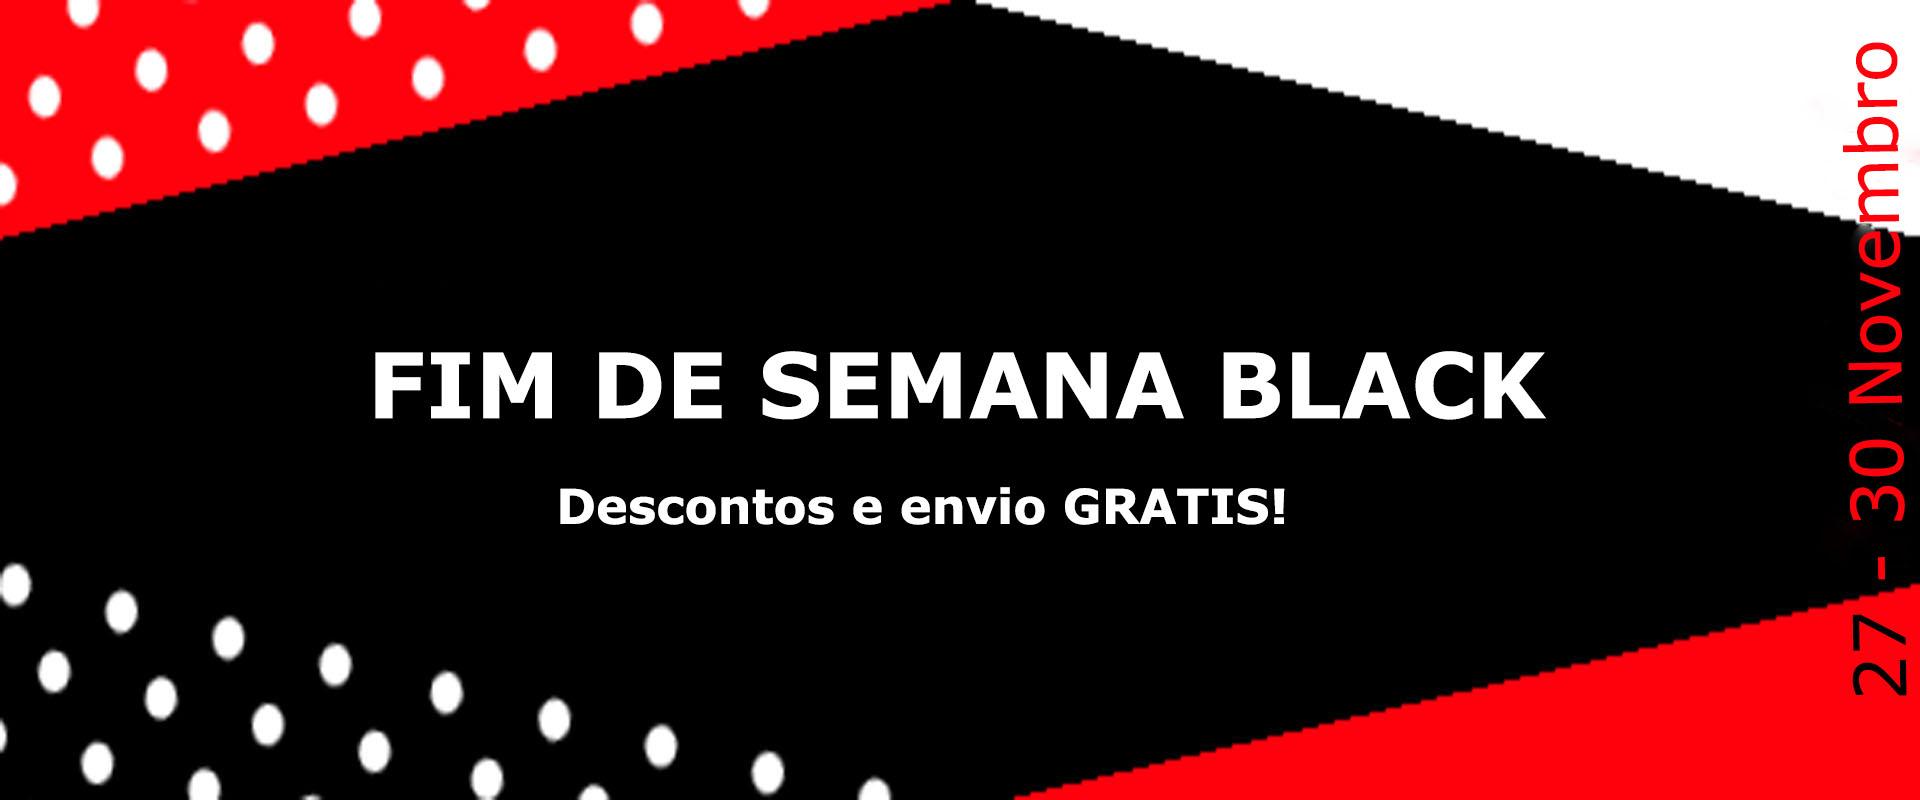 black_week2020pt.jpg